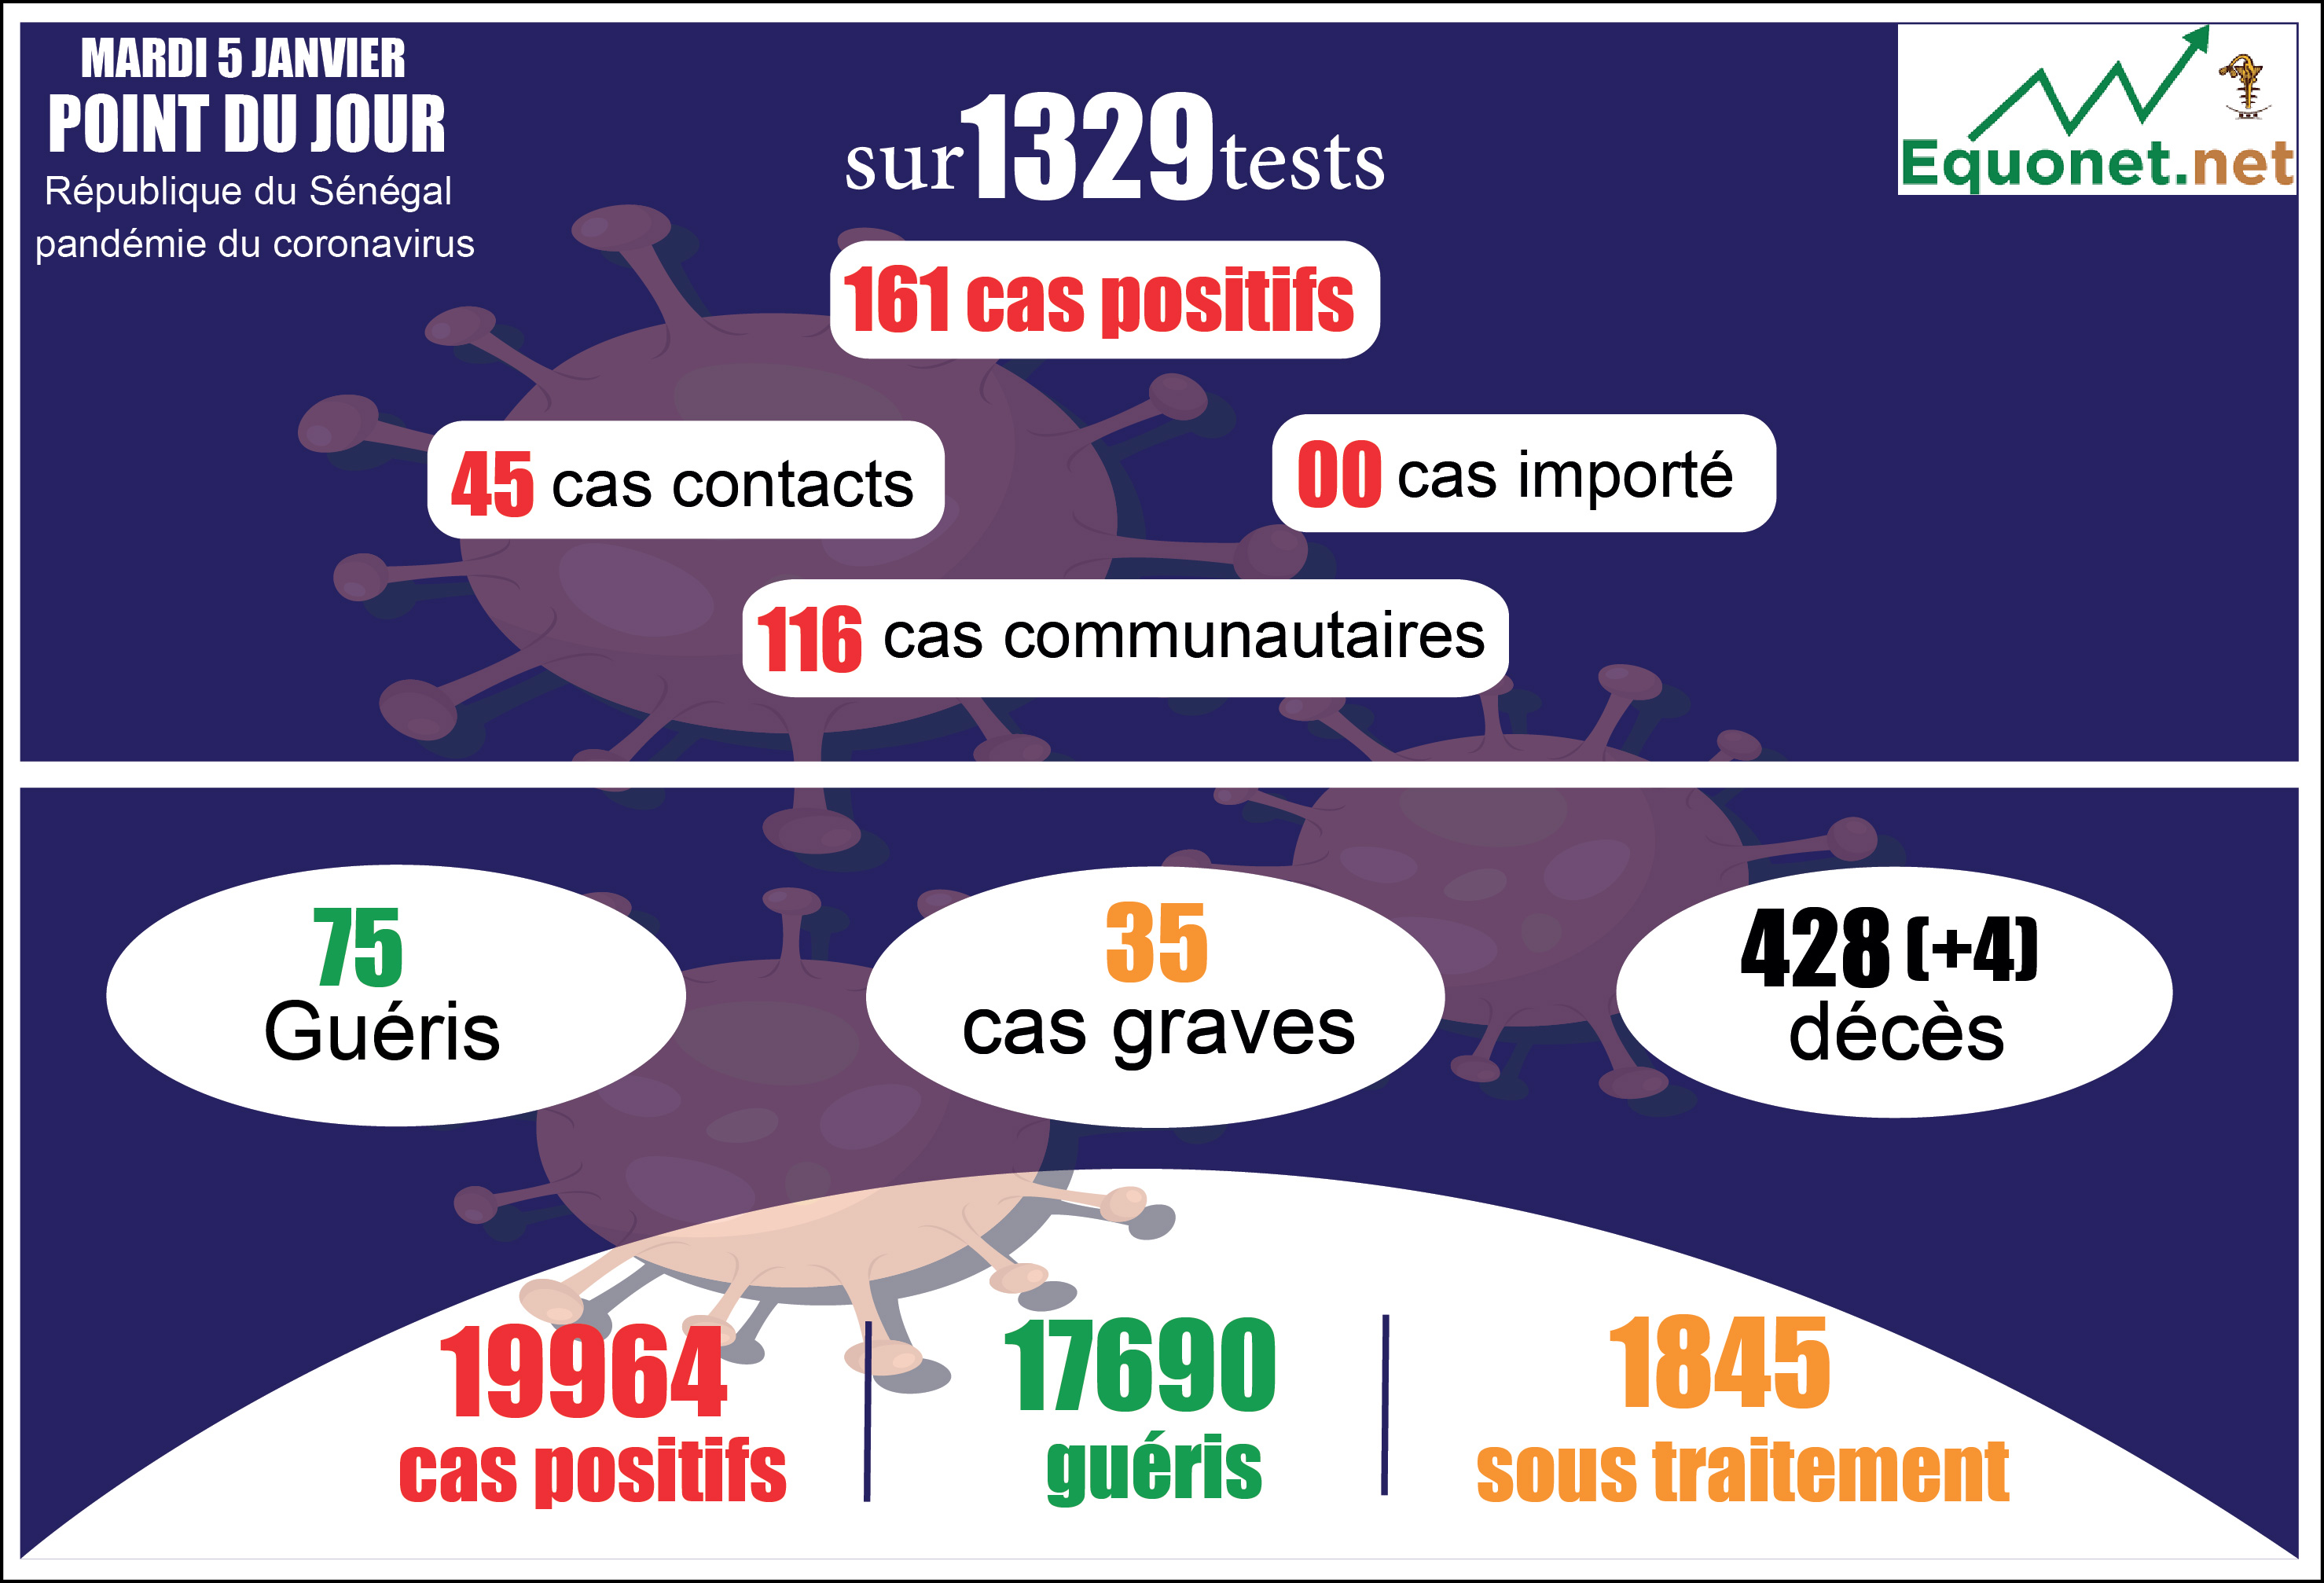 pandémie du coronavirus-covid-19 au sénégal : 116 cas communautaires ont été enregistrés ce mardi 5 janvier 2021